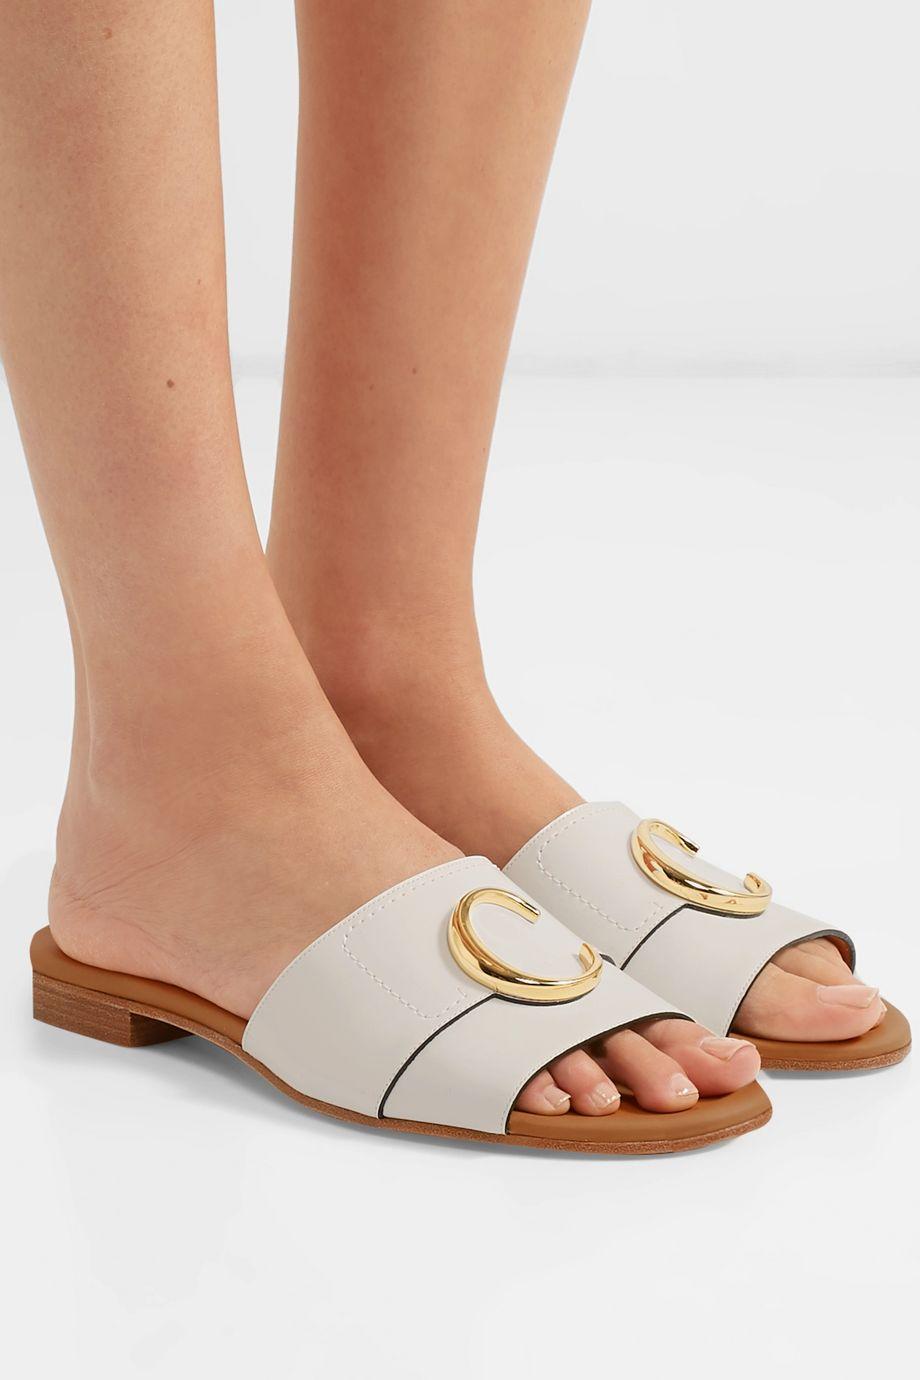 Chloé Chloé C 品牌标志缀饰皮革凉鞋